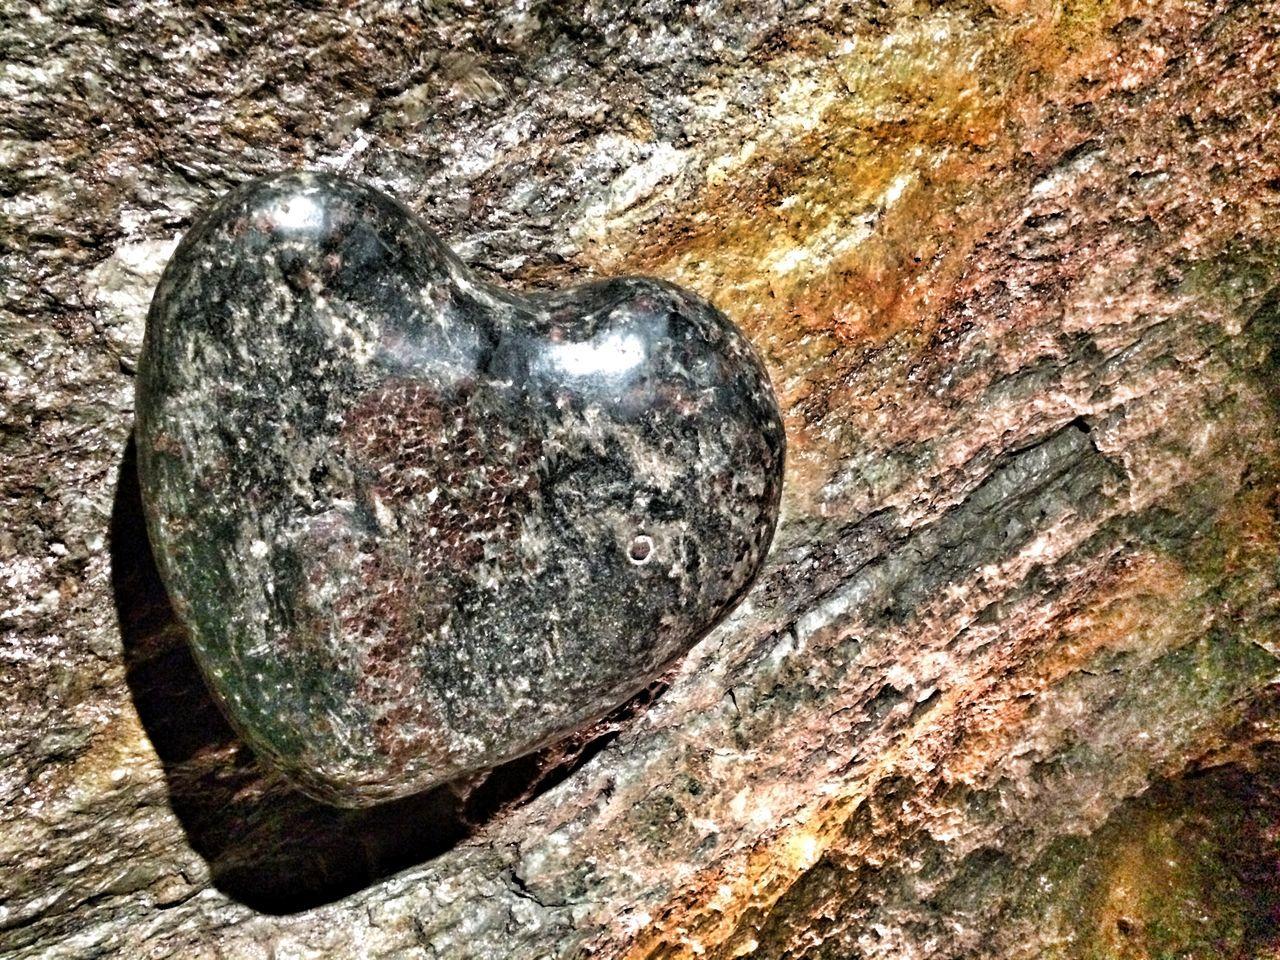 Heart of Stone Stone Heart Austria Kärnten Carinthia Radenthein